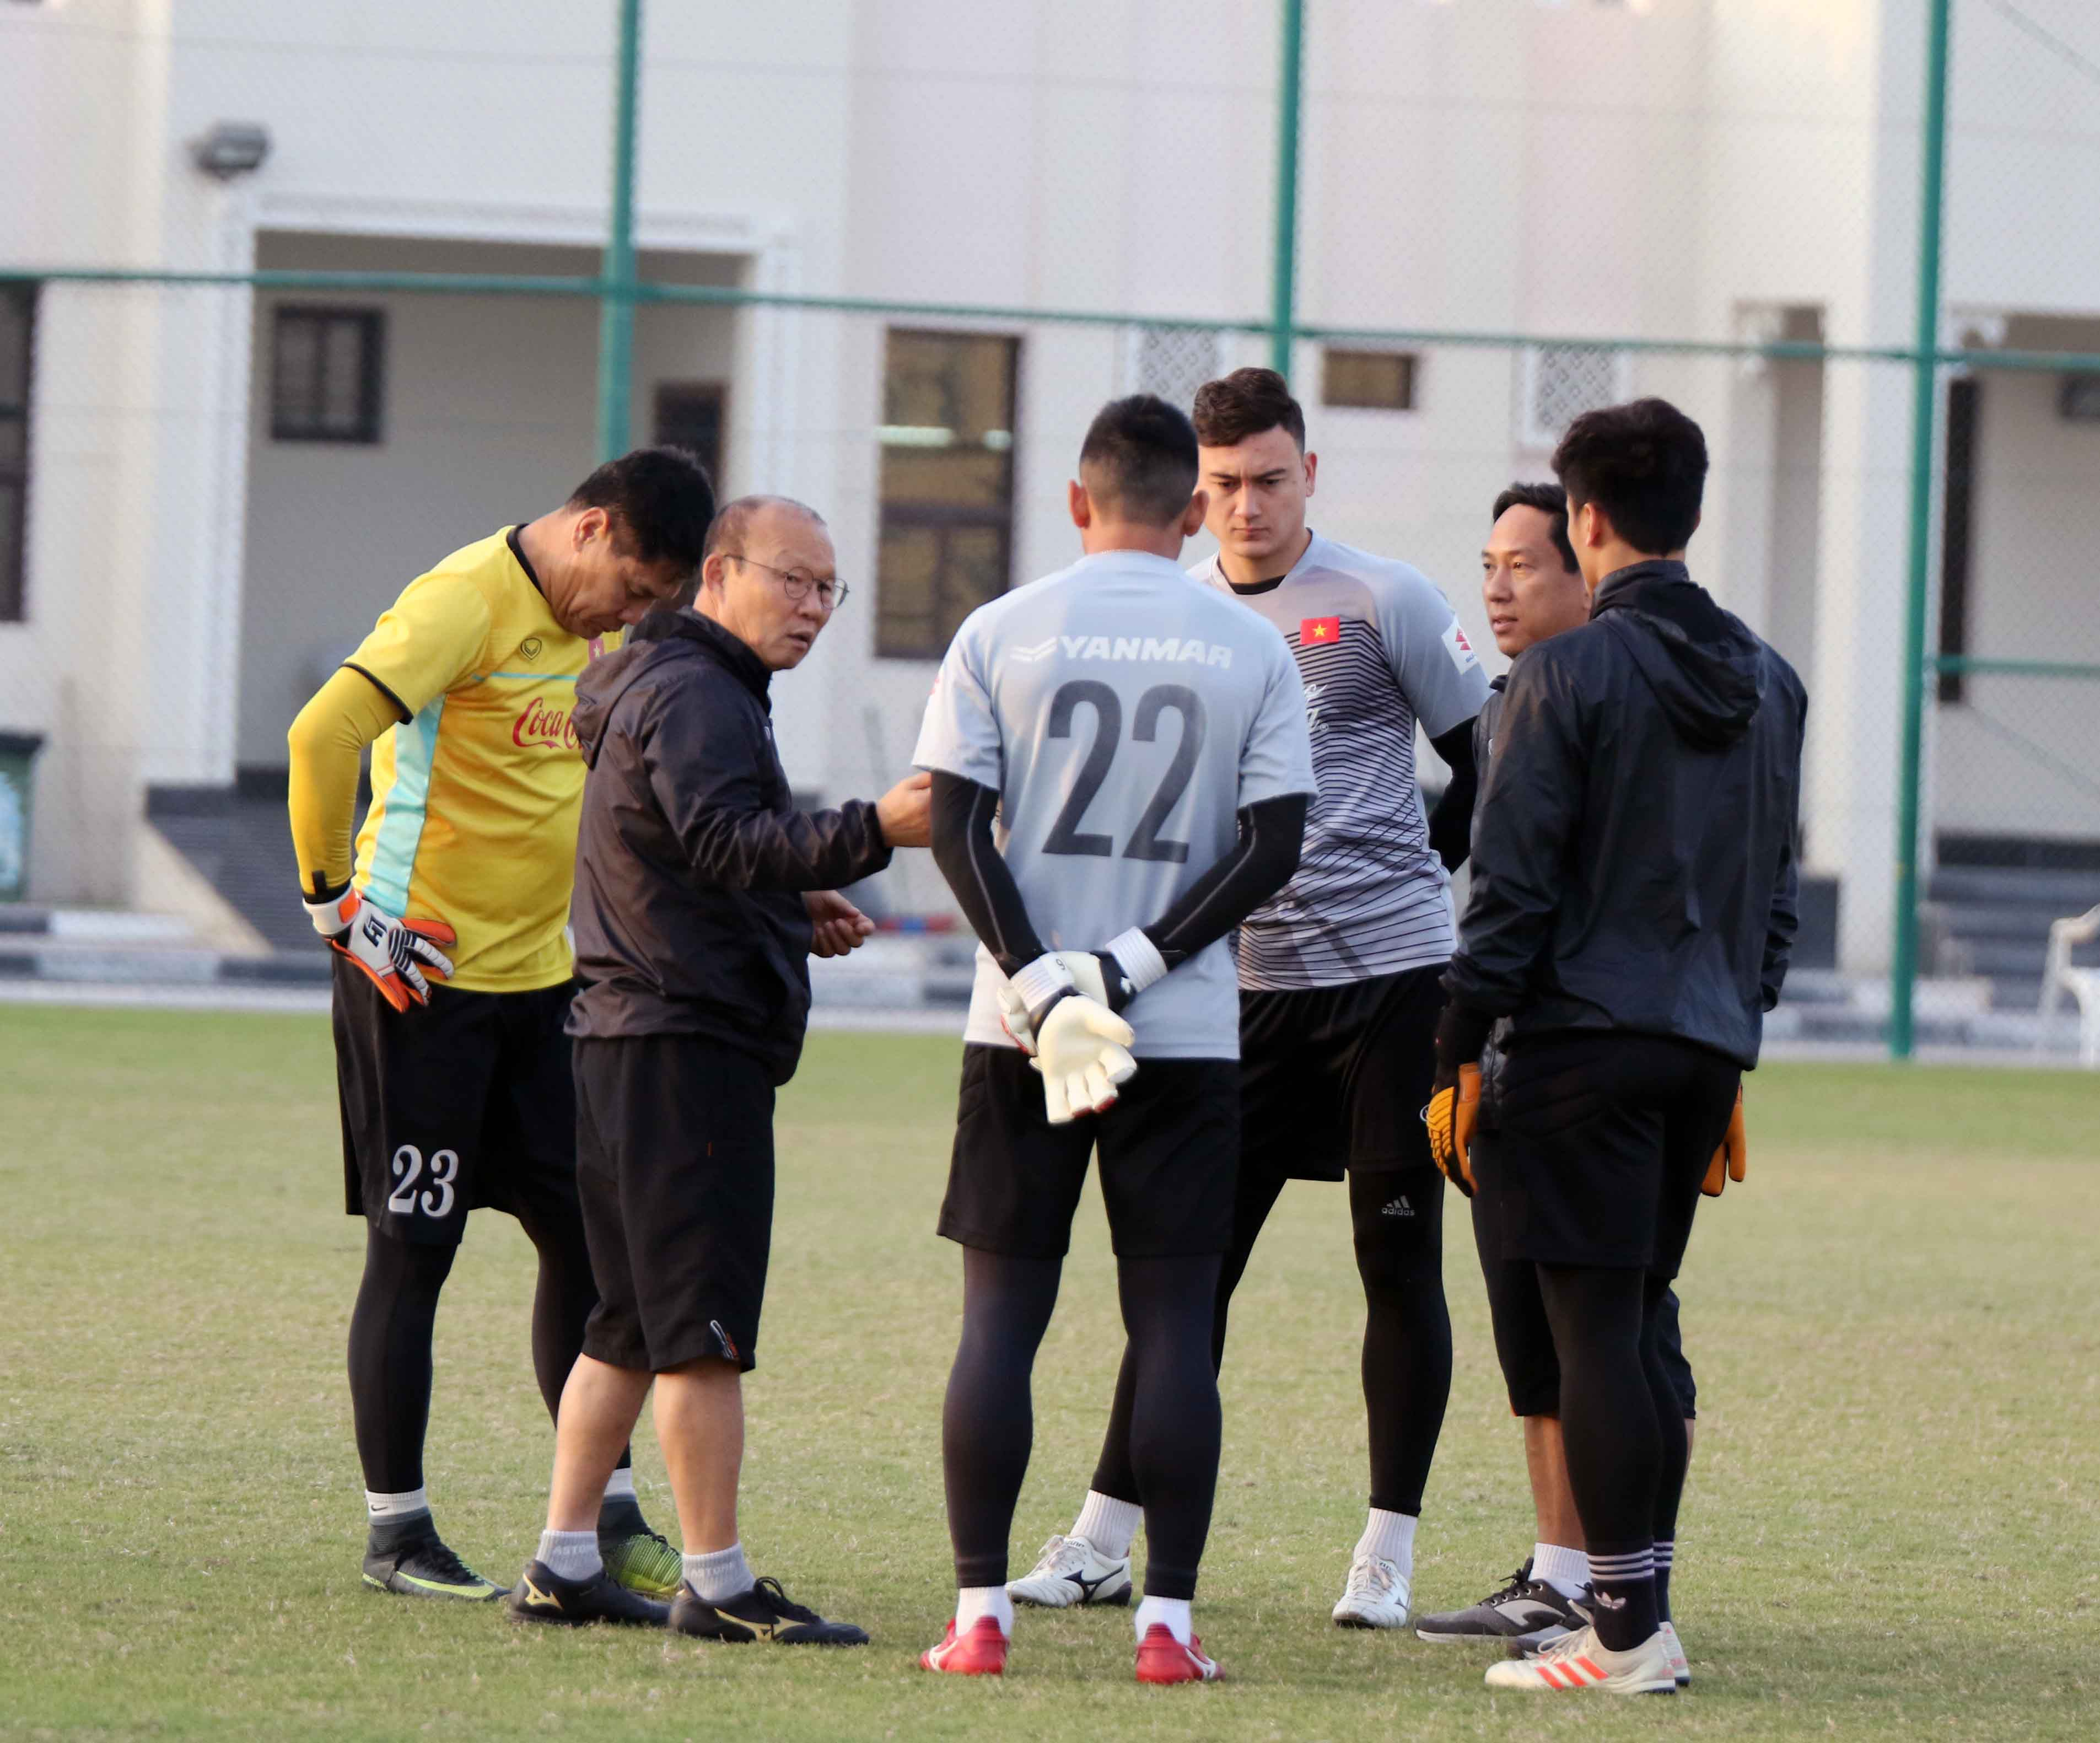 HLV Park Hang-seo nhìn ra vị trí trọng yếu của ĐT Việt Nam ở Asian Cup 2019 - Bóng Đá